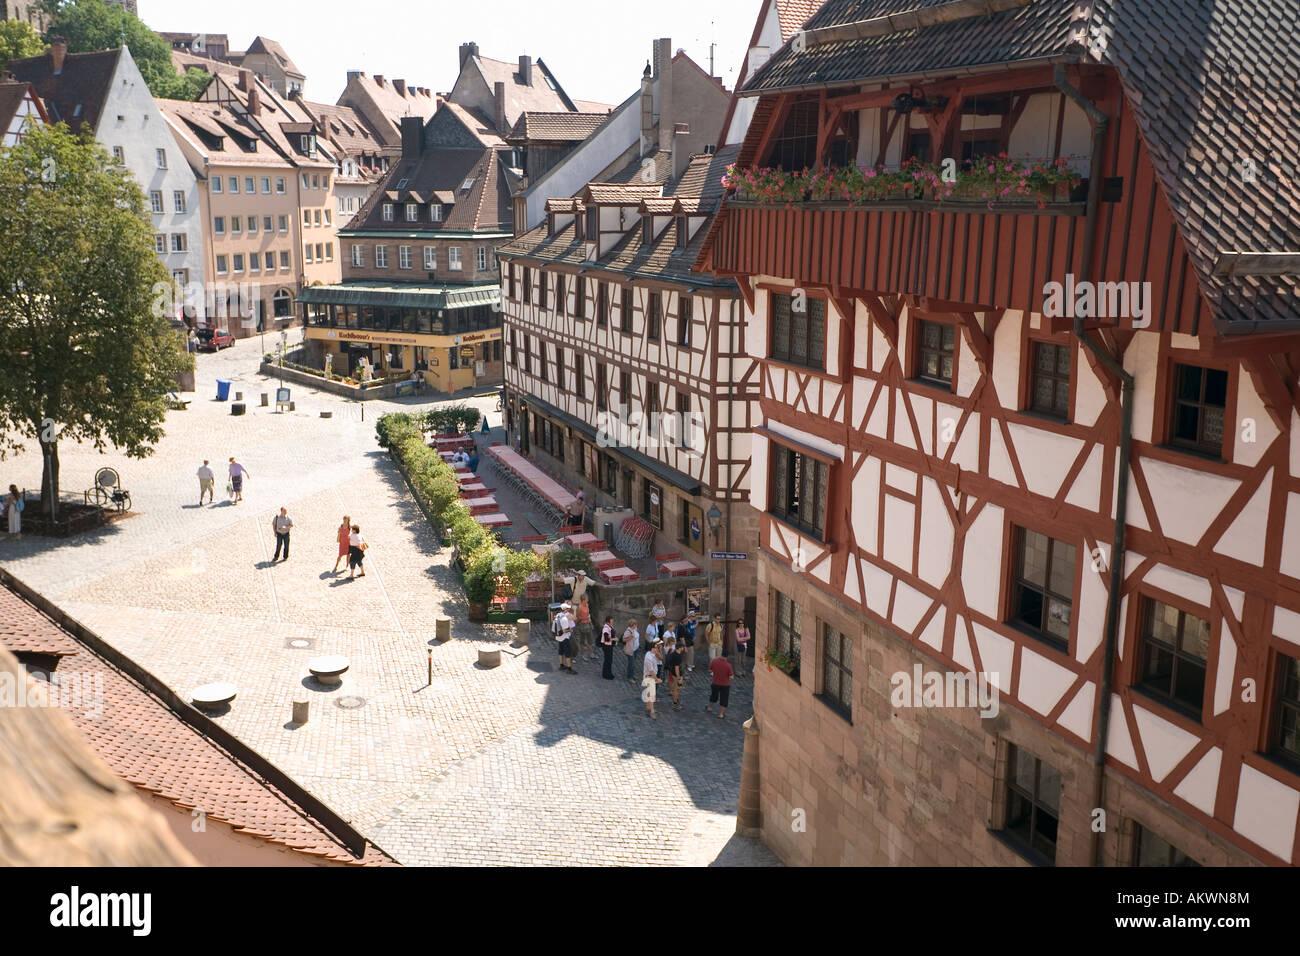 Deutschland, Nürnberg, Albrecht-Dürer-Haus Stockbild